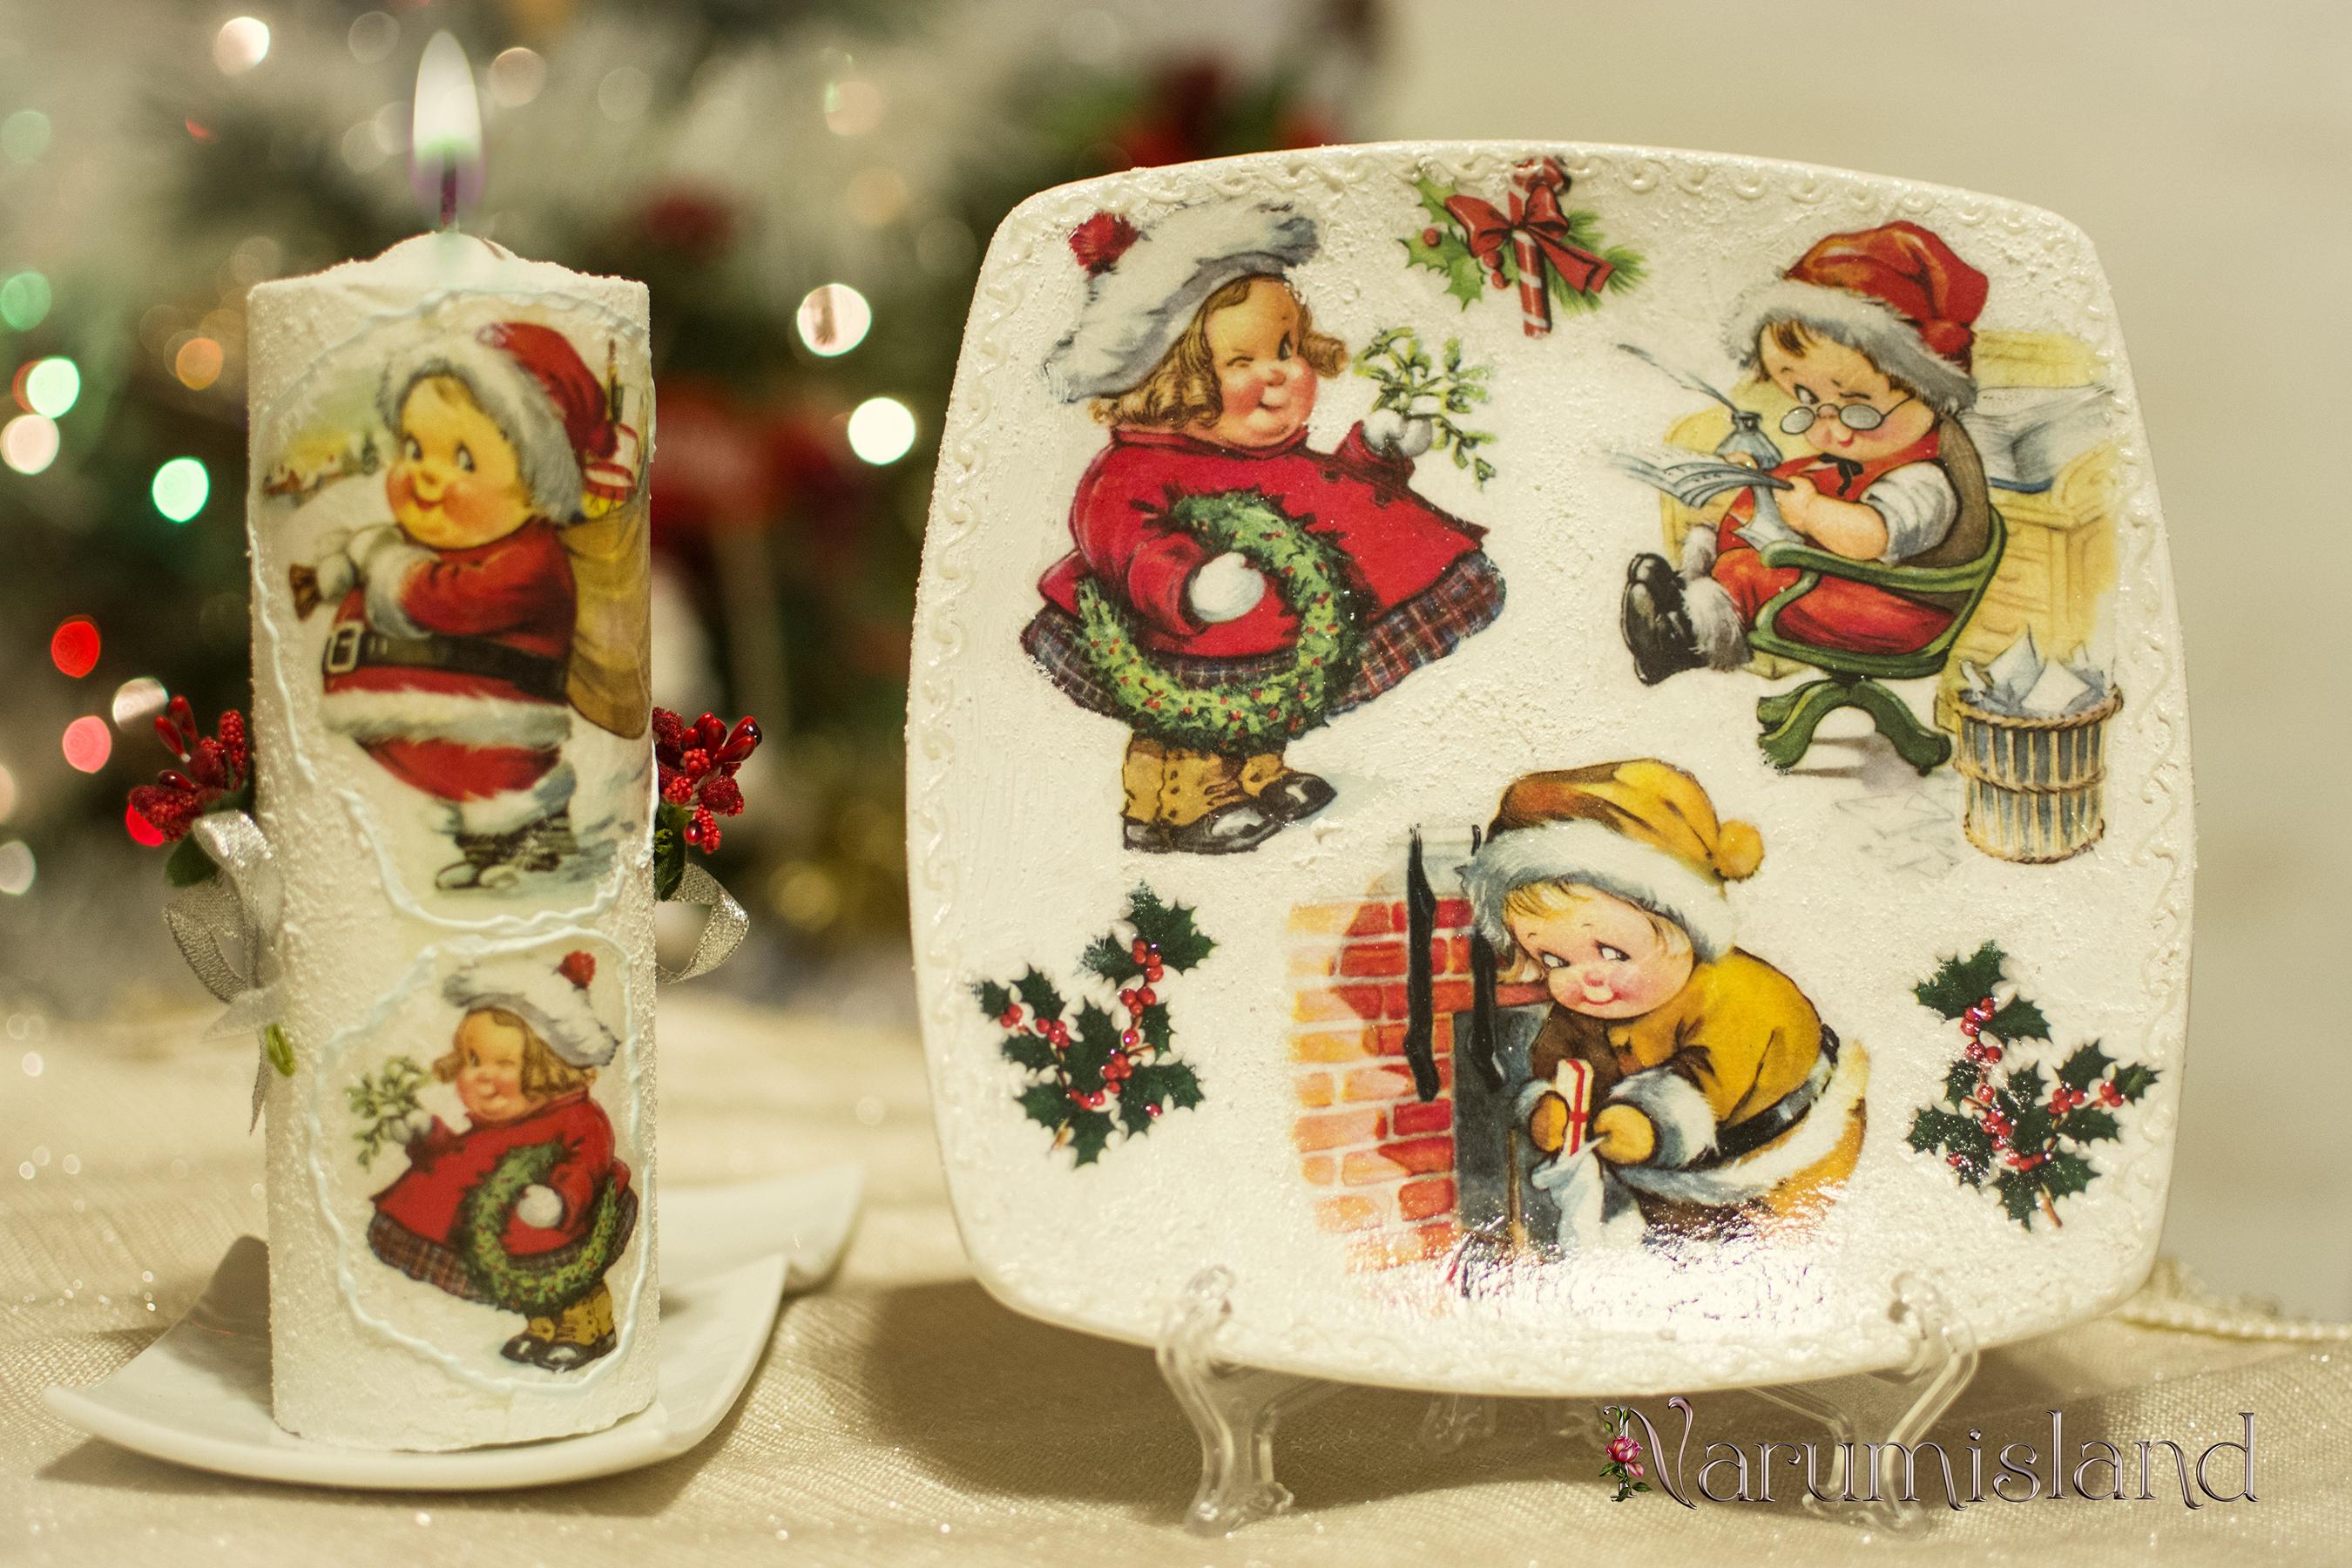 cadou de sarbatori: farfurie si lumanare decorativa